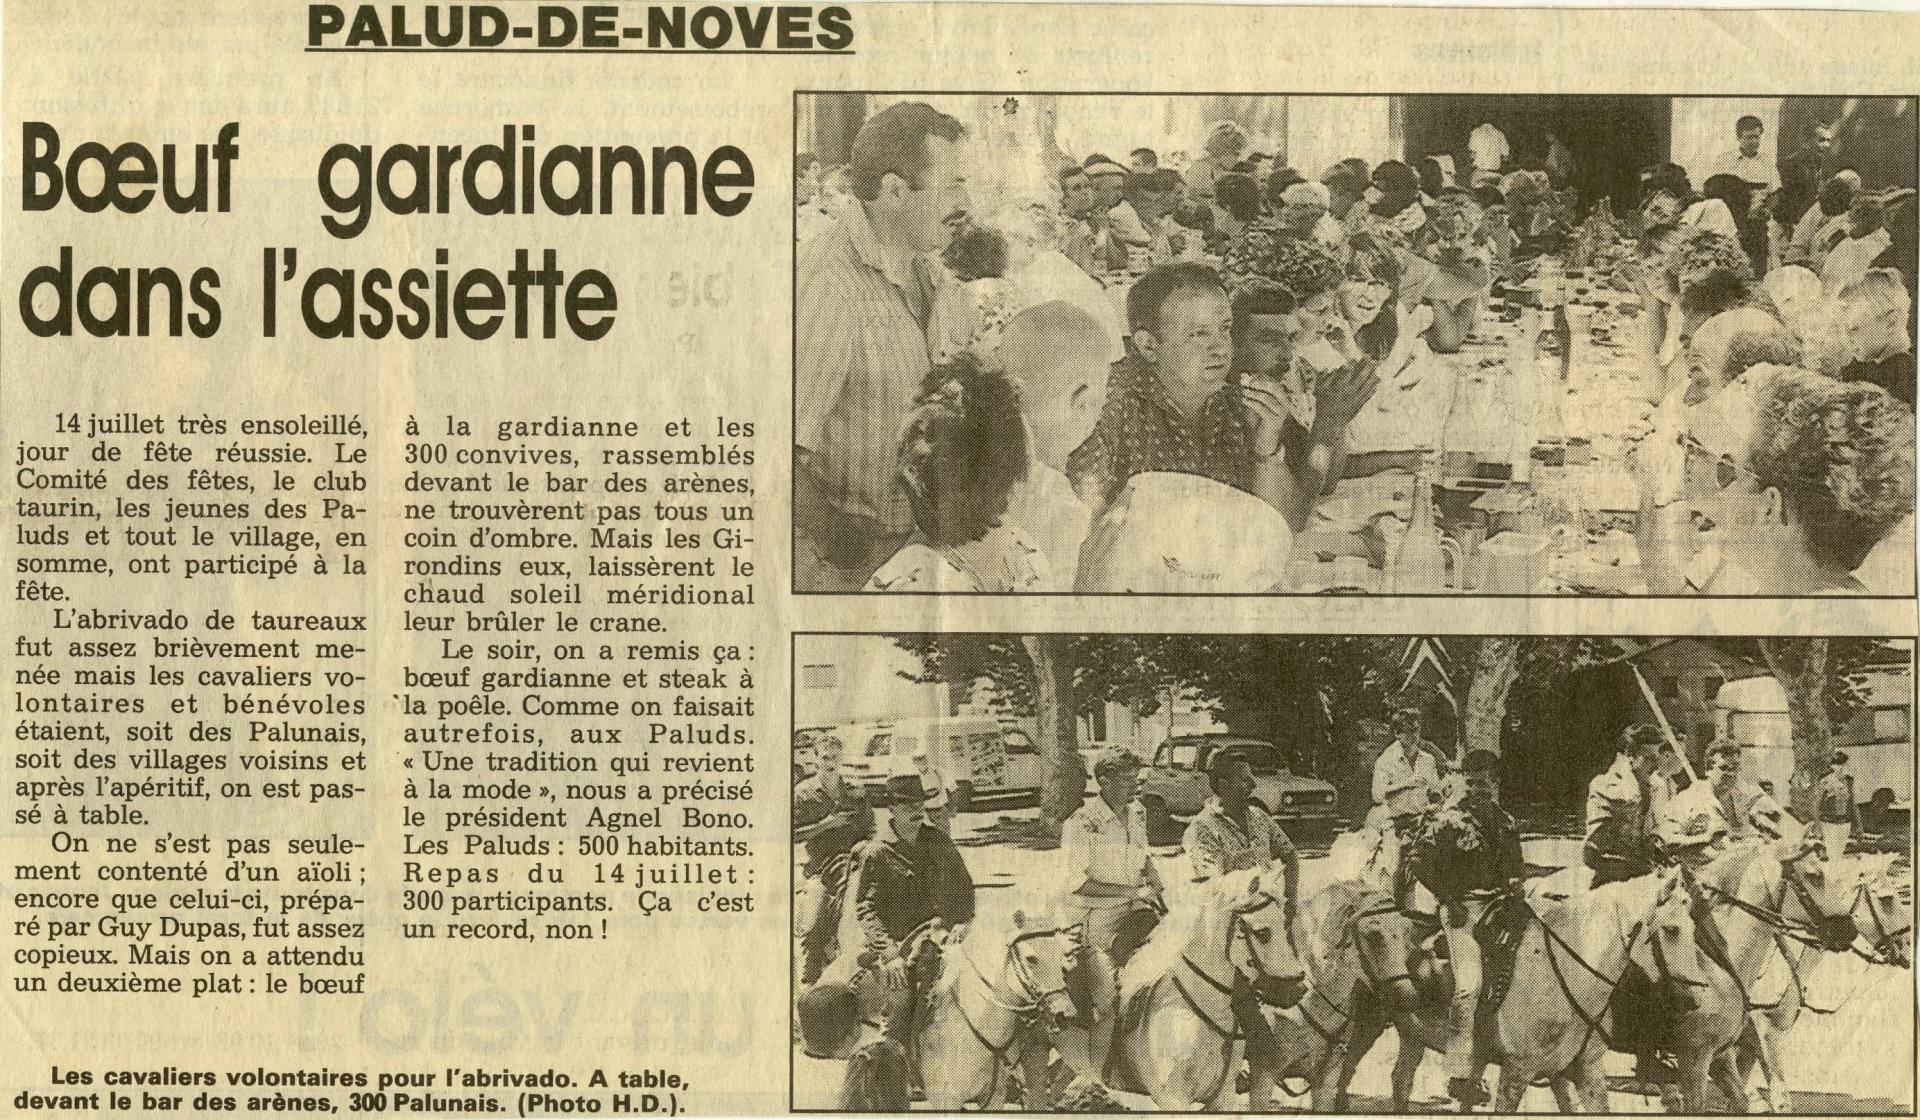 1990 aioli et beuf gardian